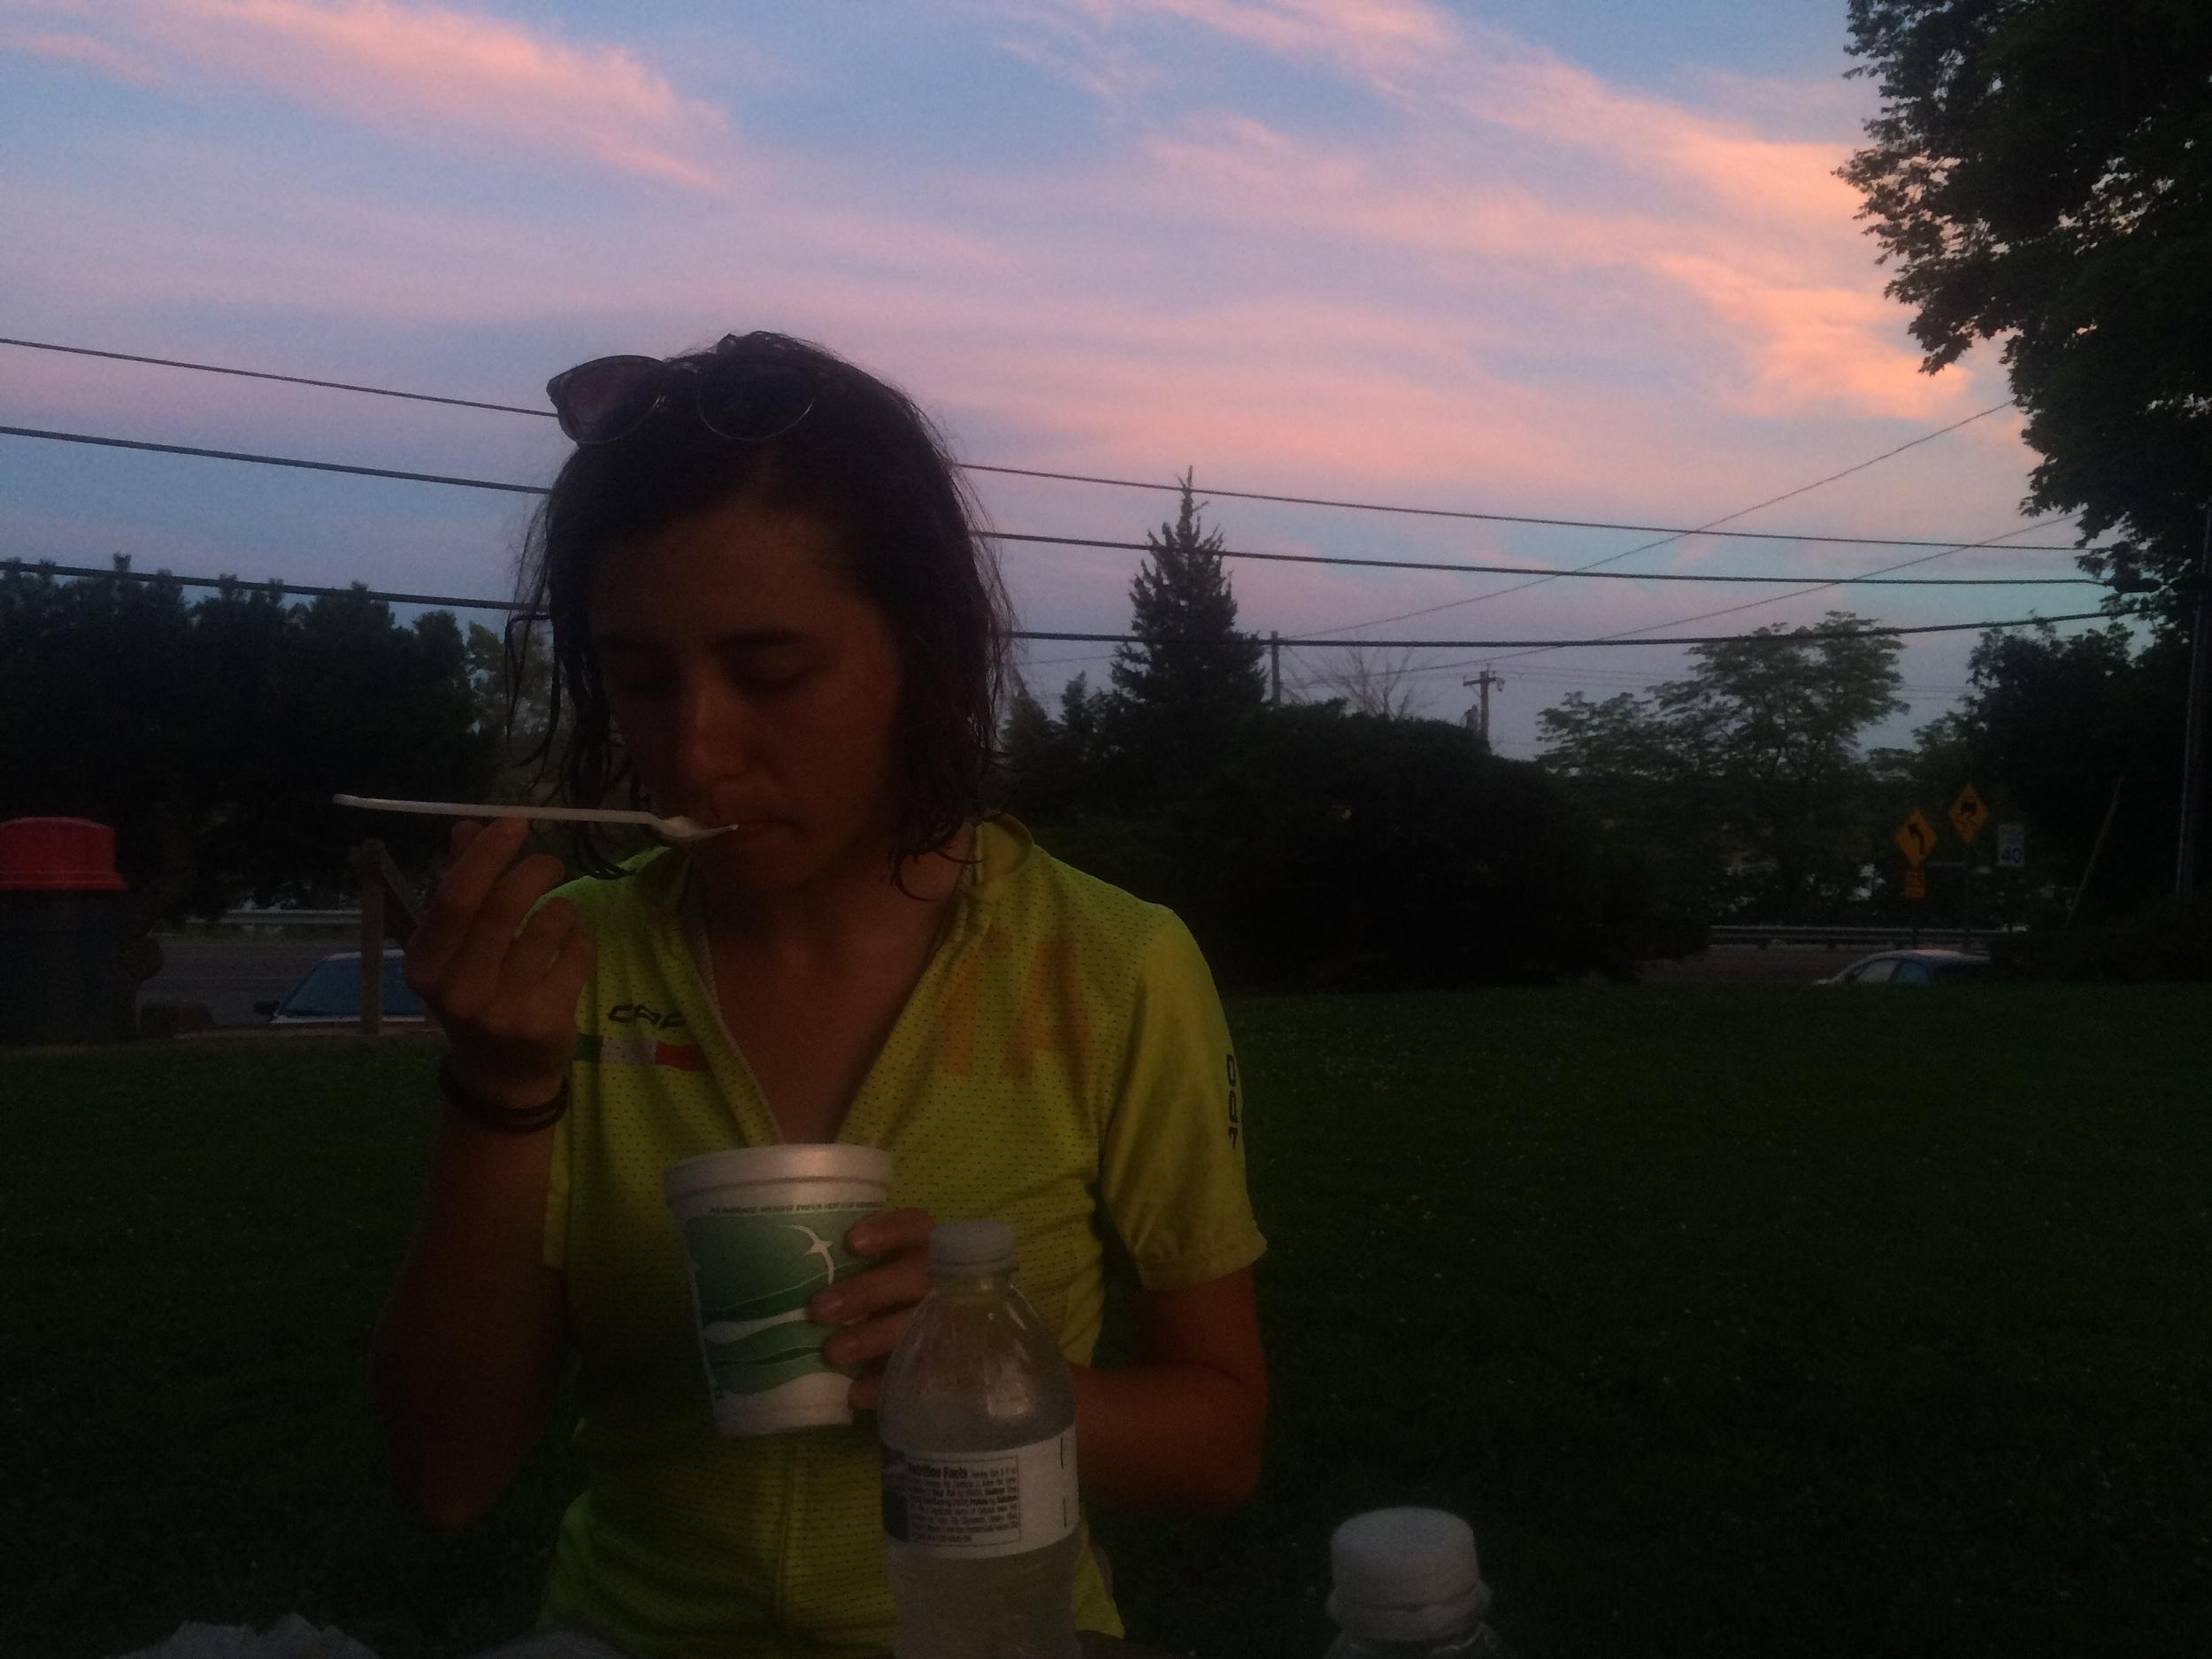 Ice cream + sunsets yum yum